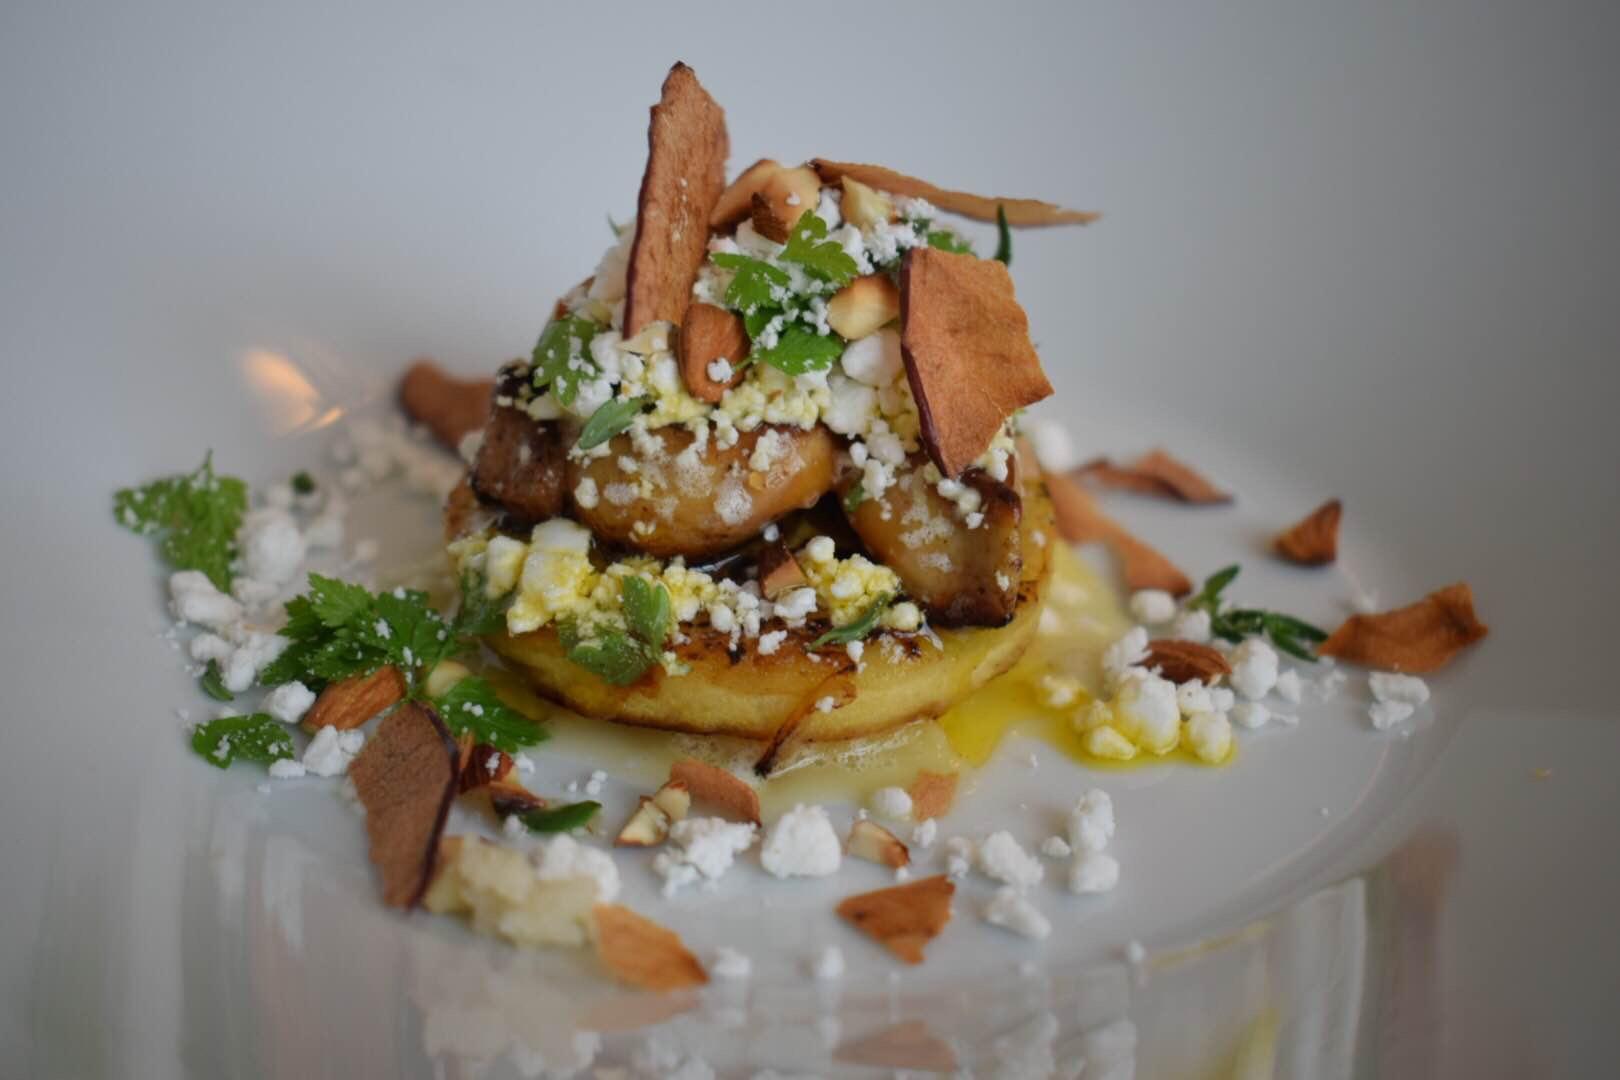 Stegt Foie Gras med æble i 3 teksturer